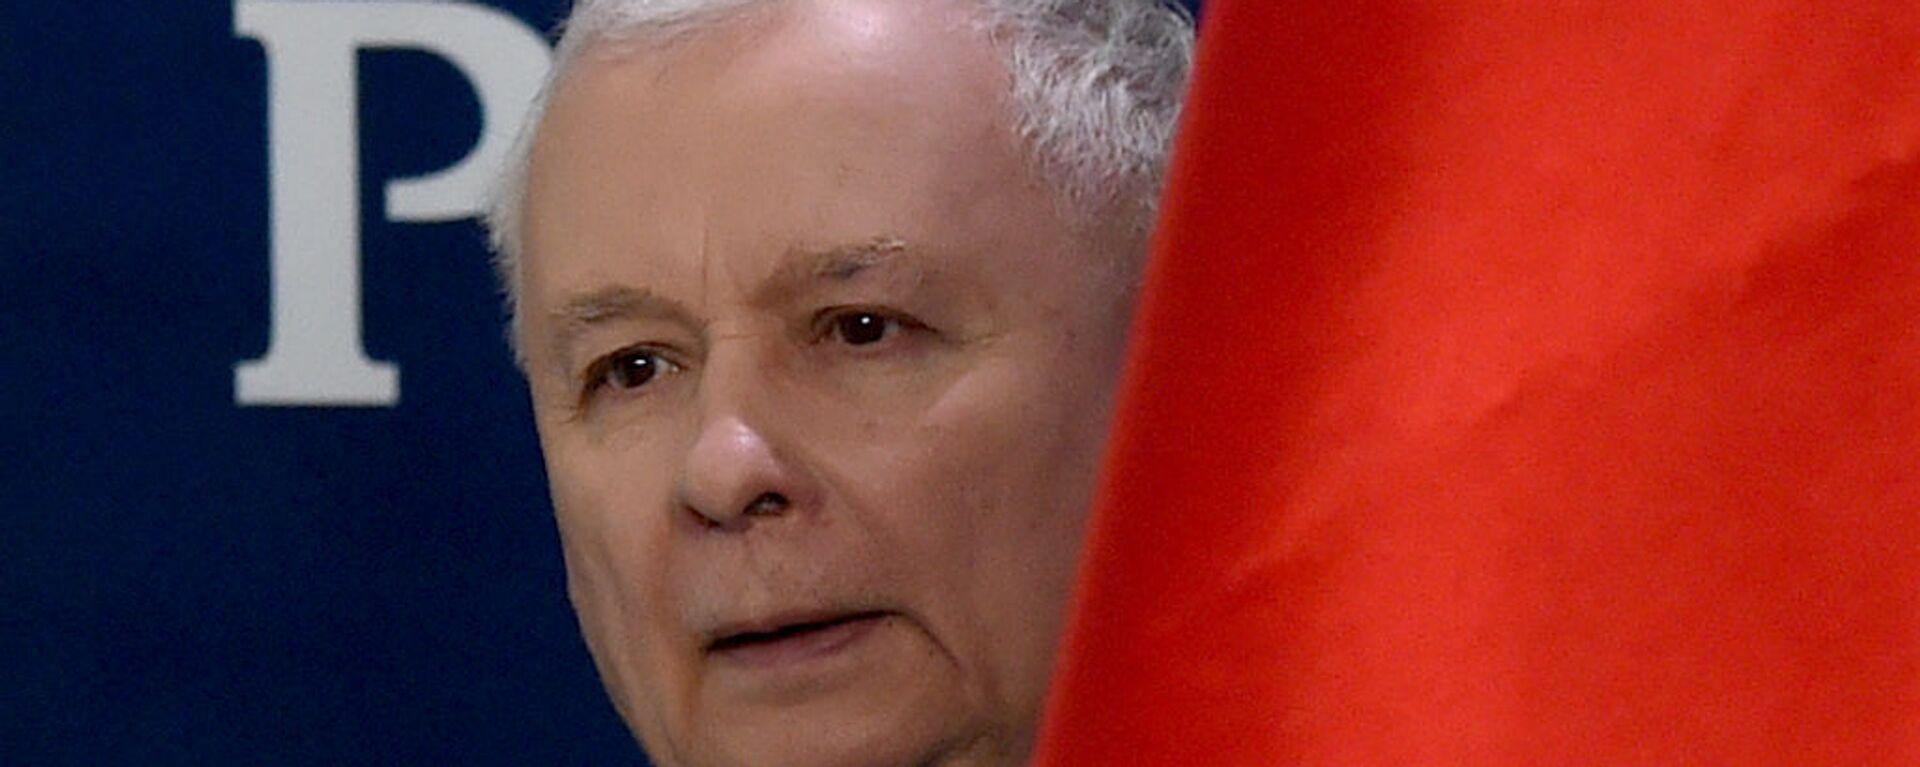 Jarosław Kaczyński - Sputnik Polska, 1920, 19.07.2021